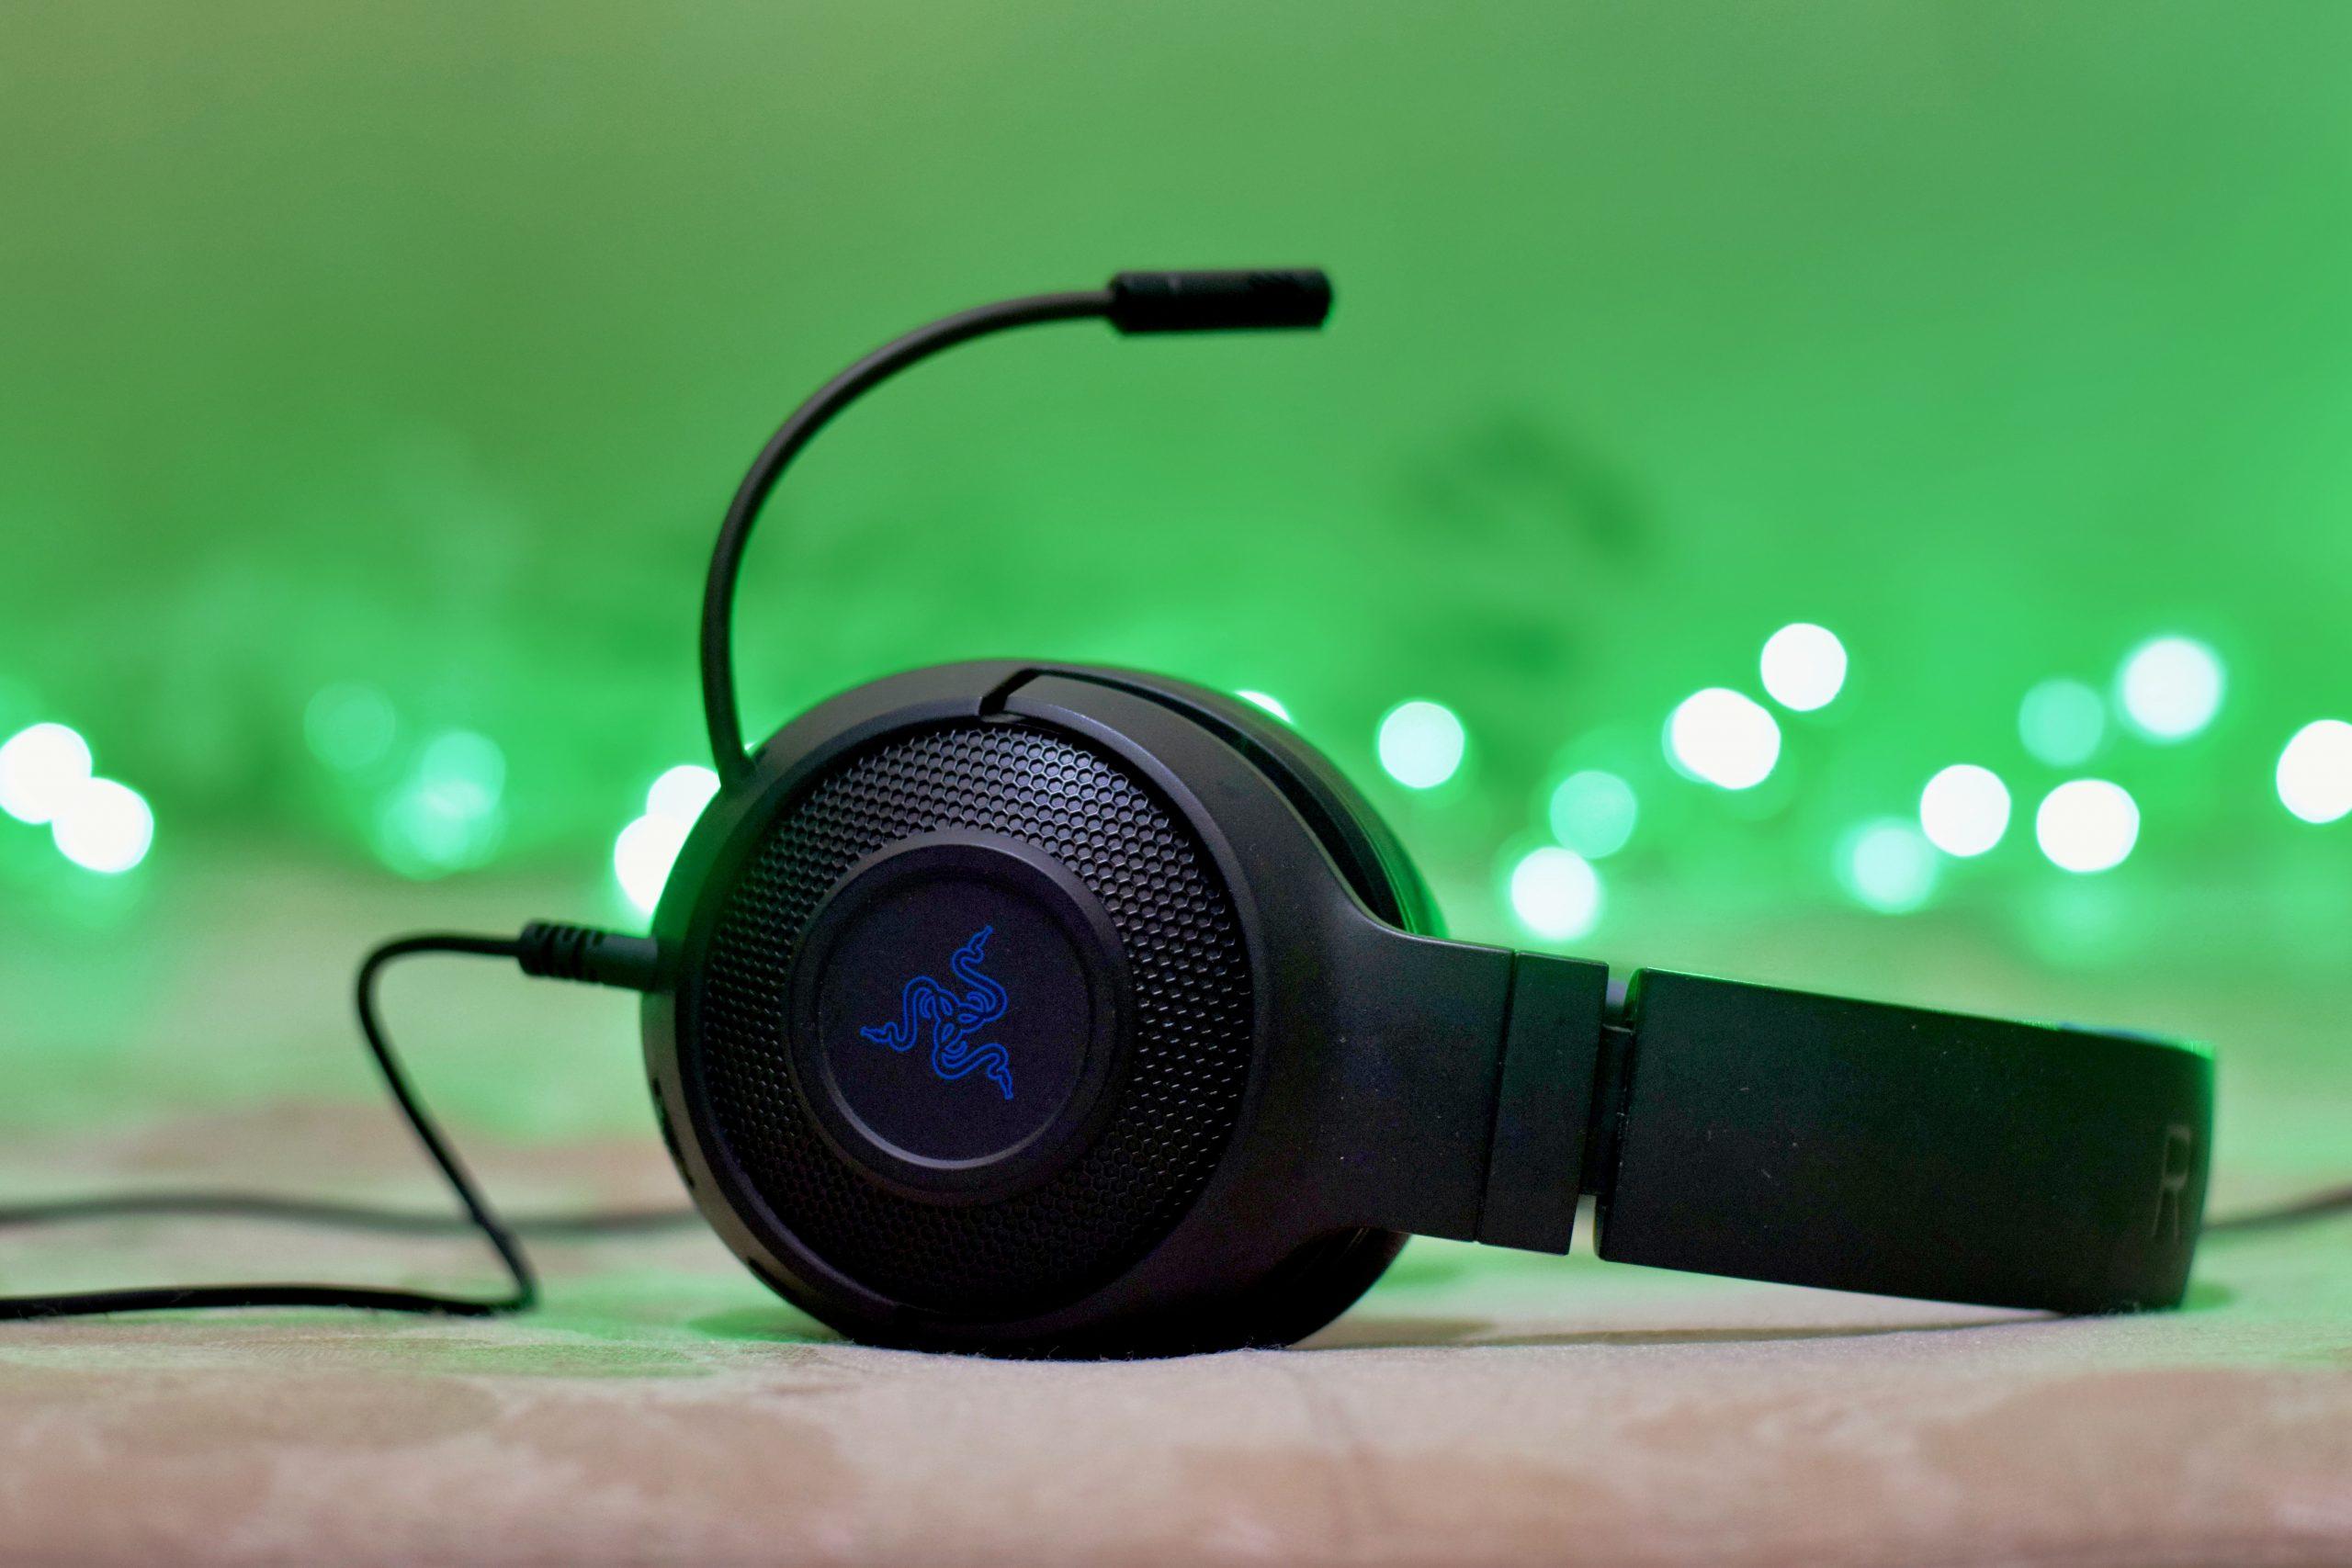 Imagem de um headset preto sobre uma mesa com fundo desfocado.